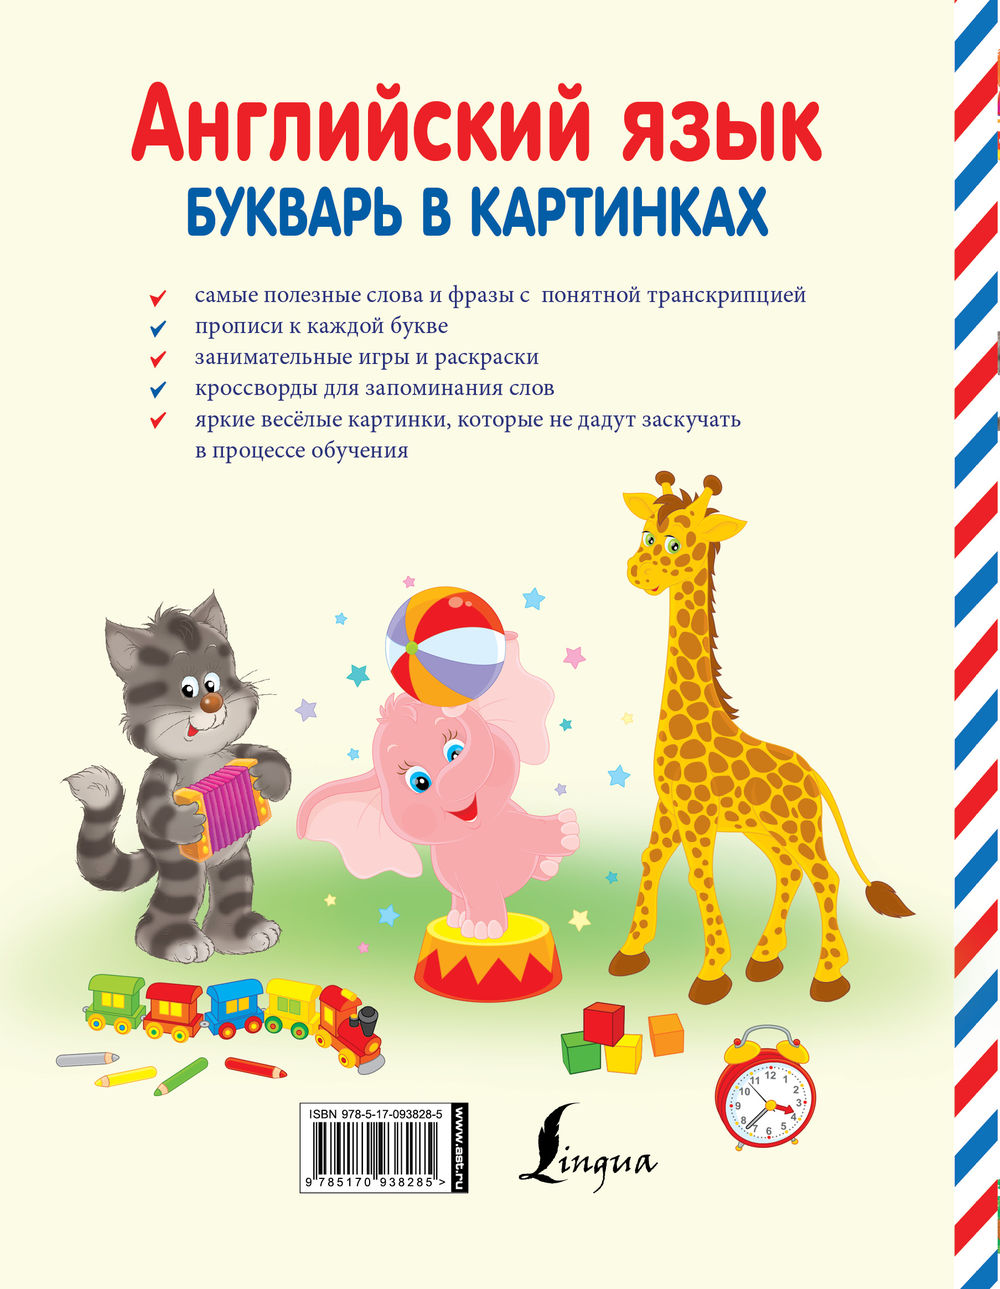 Английский для детей скачать бесплатно